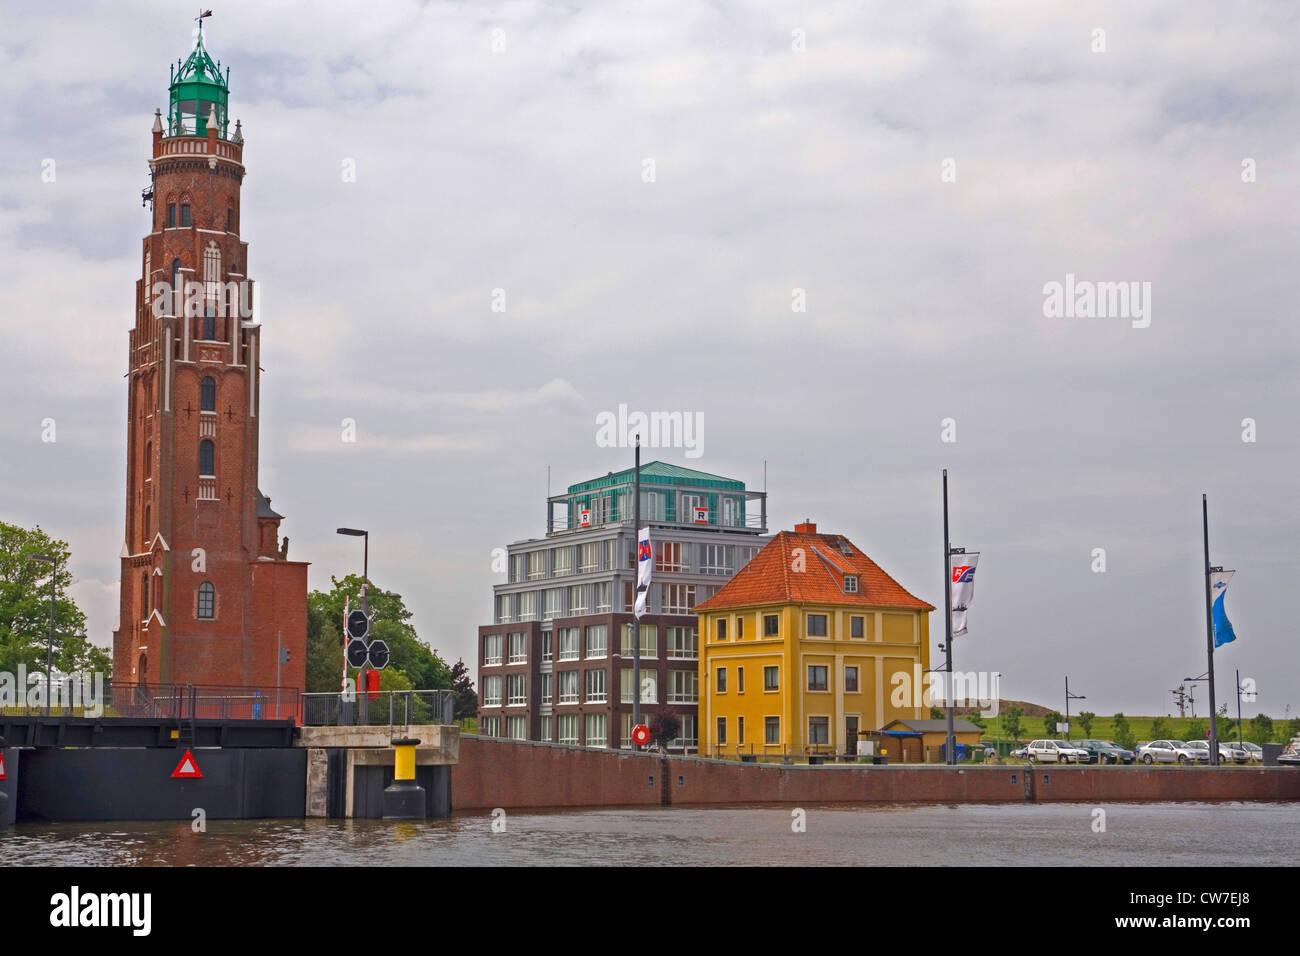 Big lighthouse, Germany, Freie Hansestadt Bremen, Bremerhaven - Stock Image